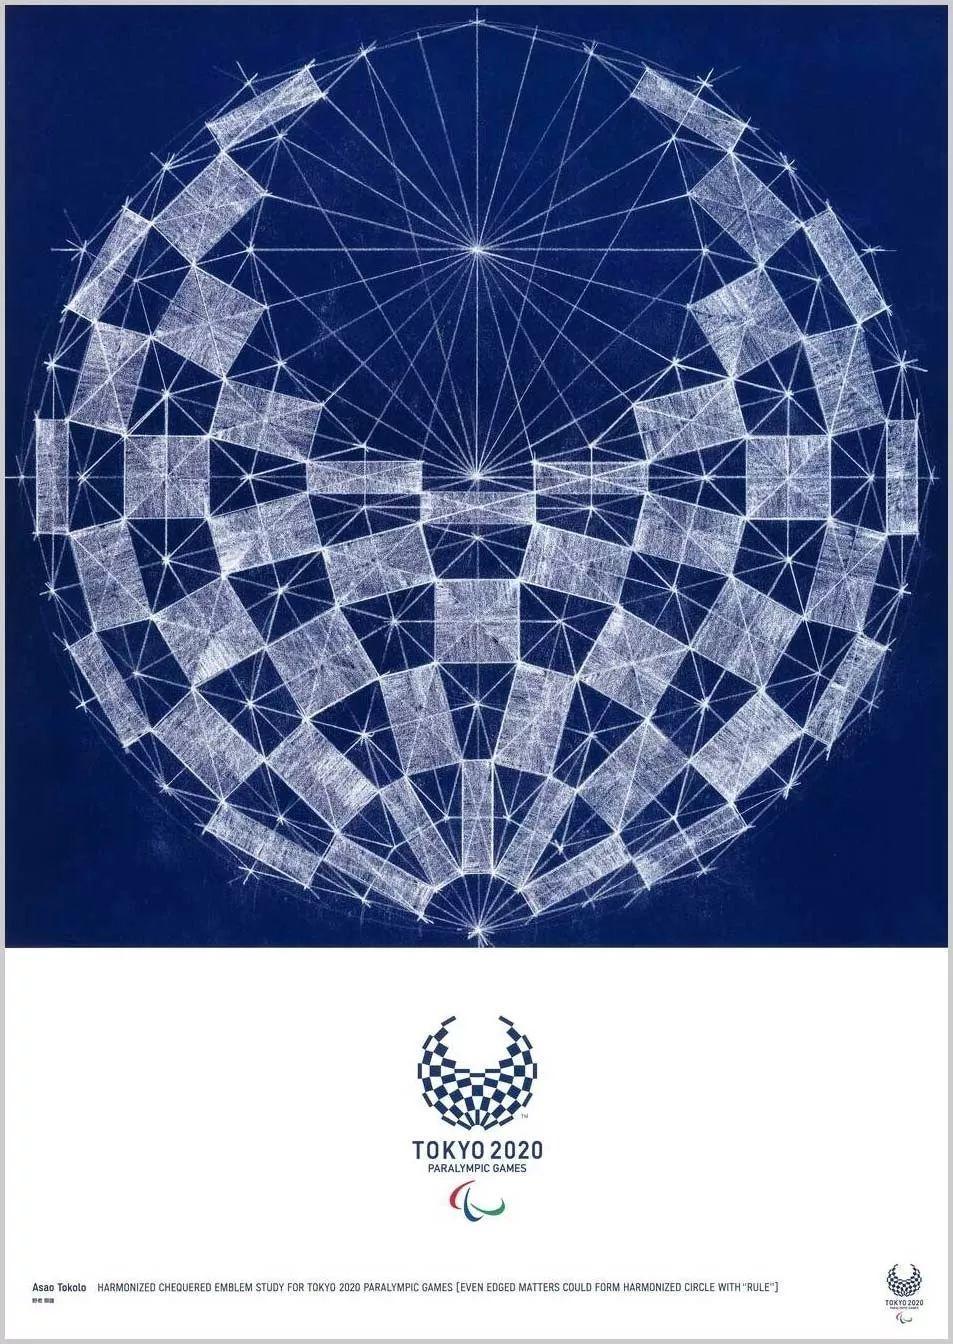 众星云集!东京奥运会公布20张官方艺术海报